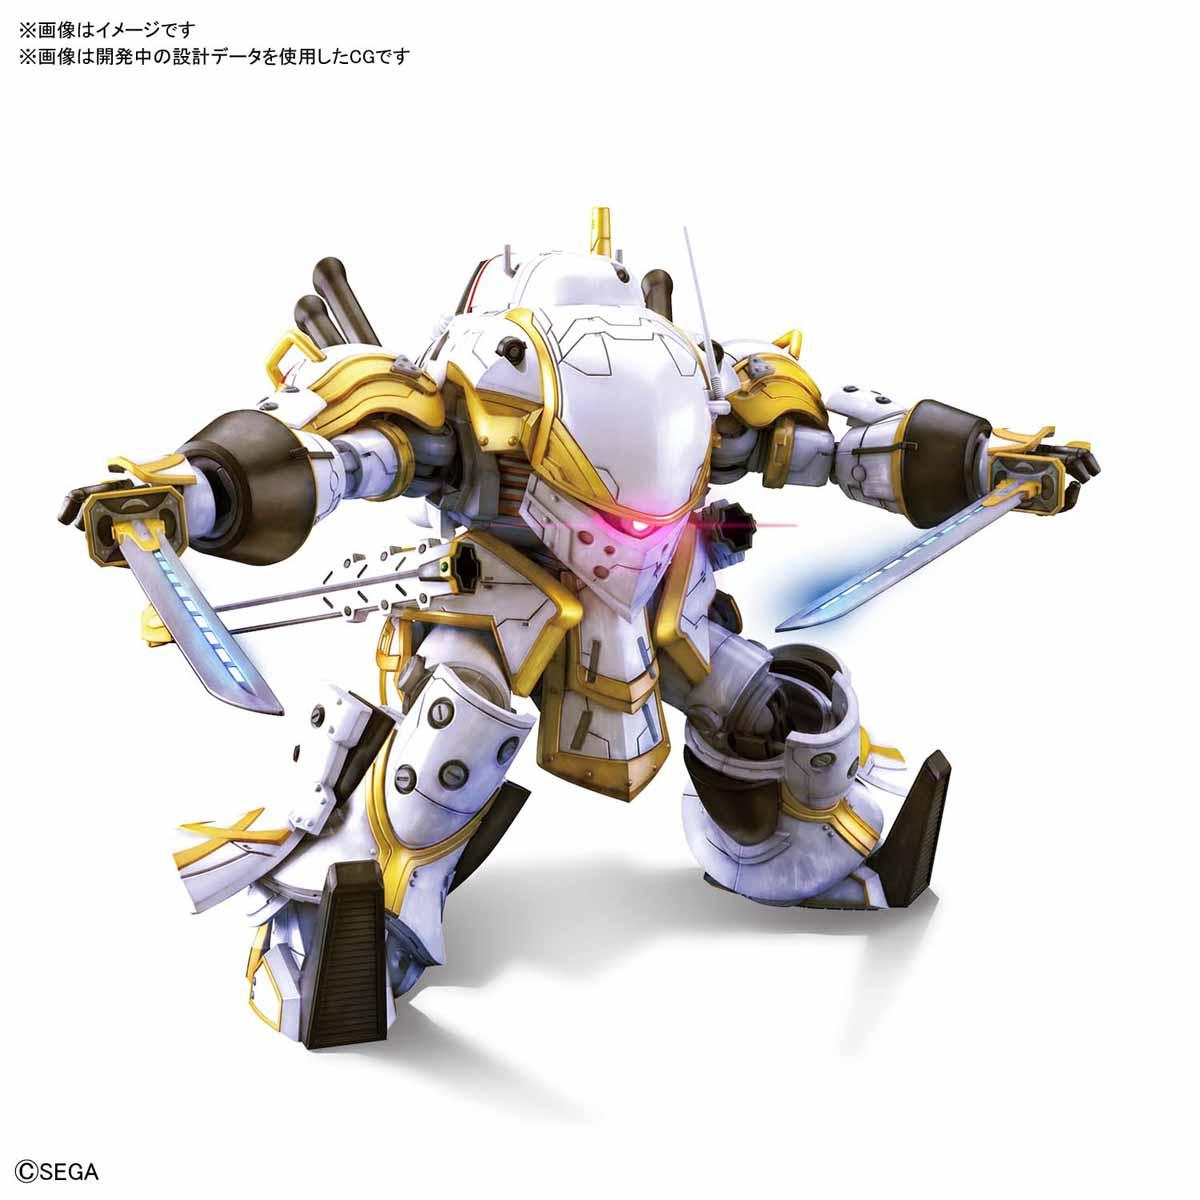 HG 1/24『霊子戦闘機・無限(神山誠十郎機)』新サクラ大戦 プラモデル-001